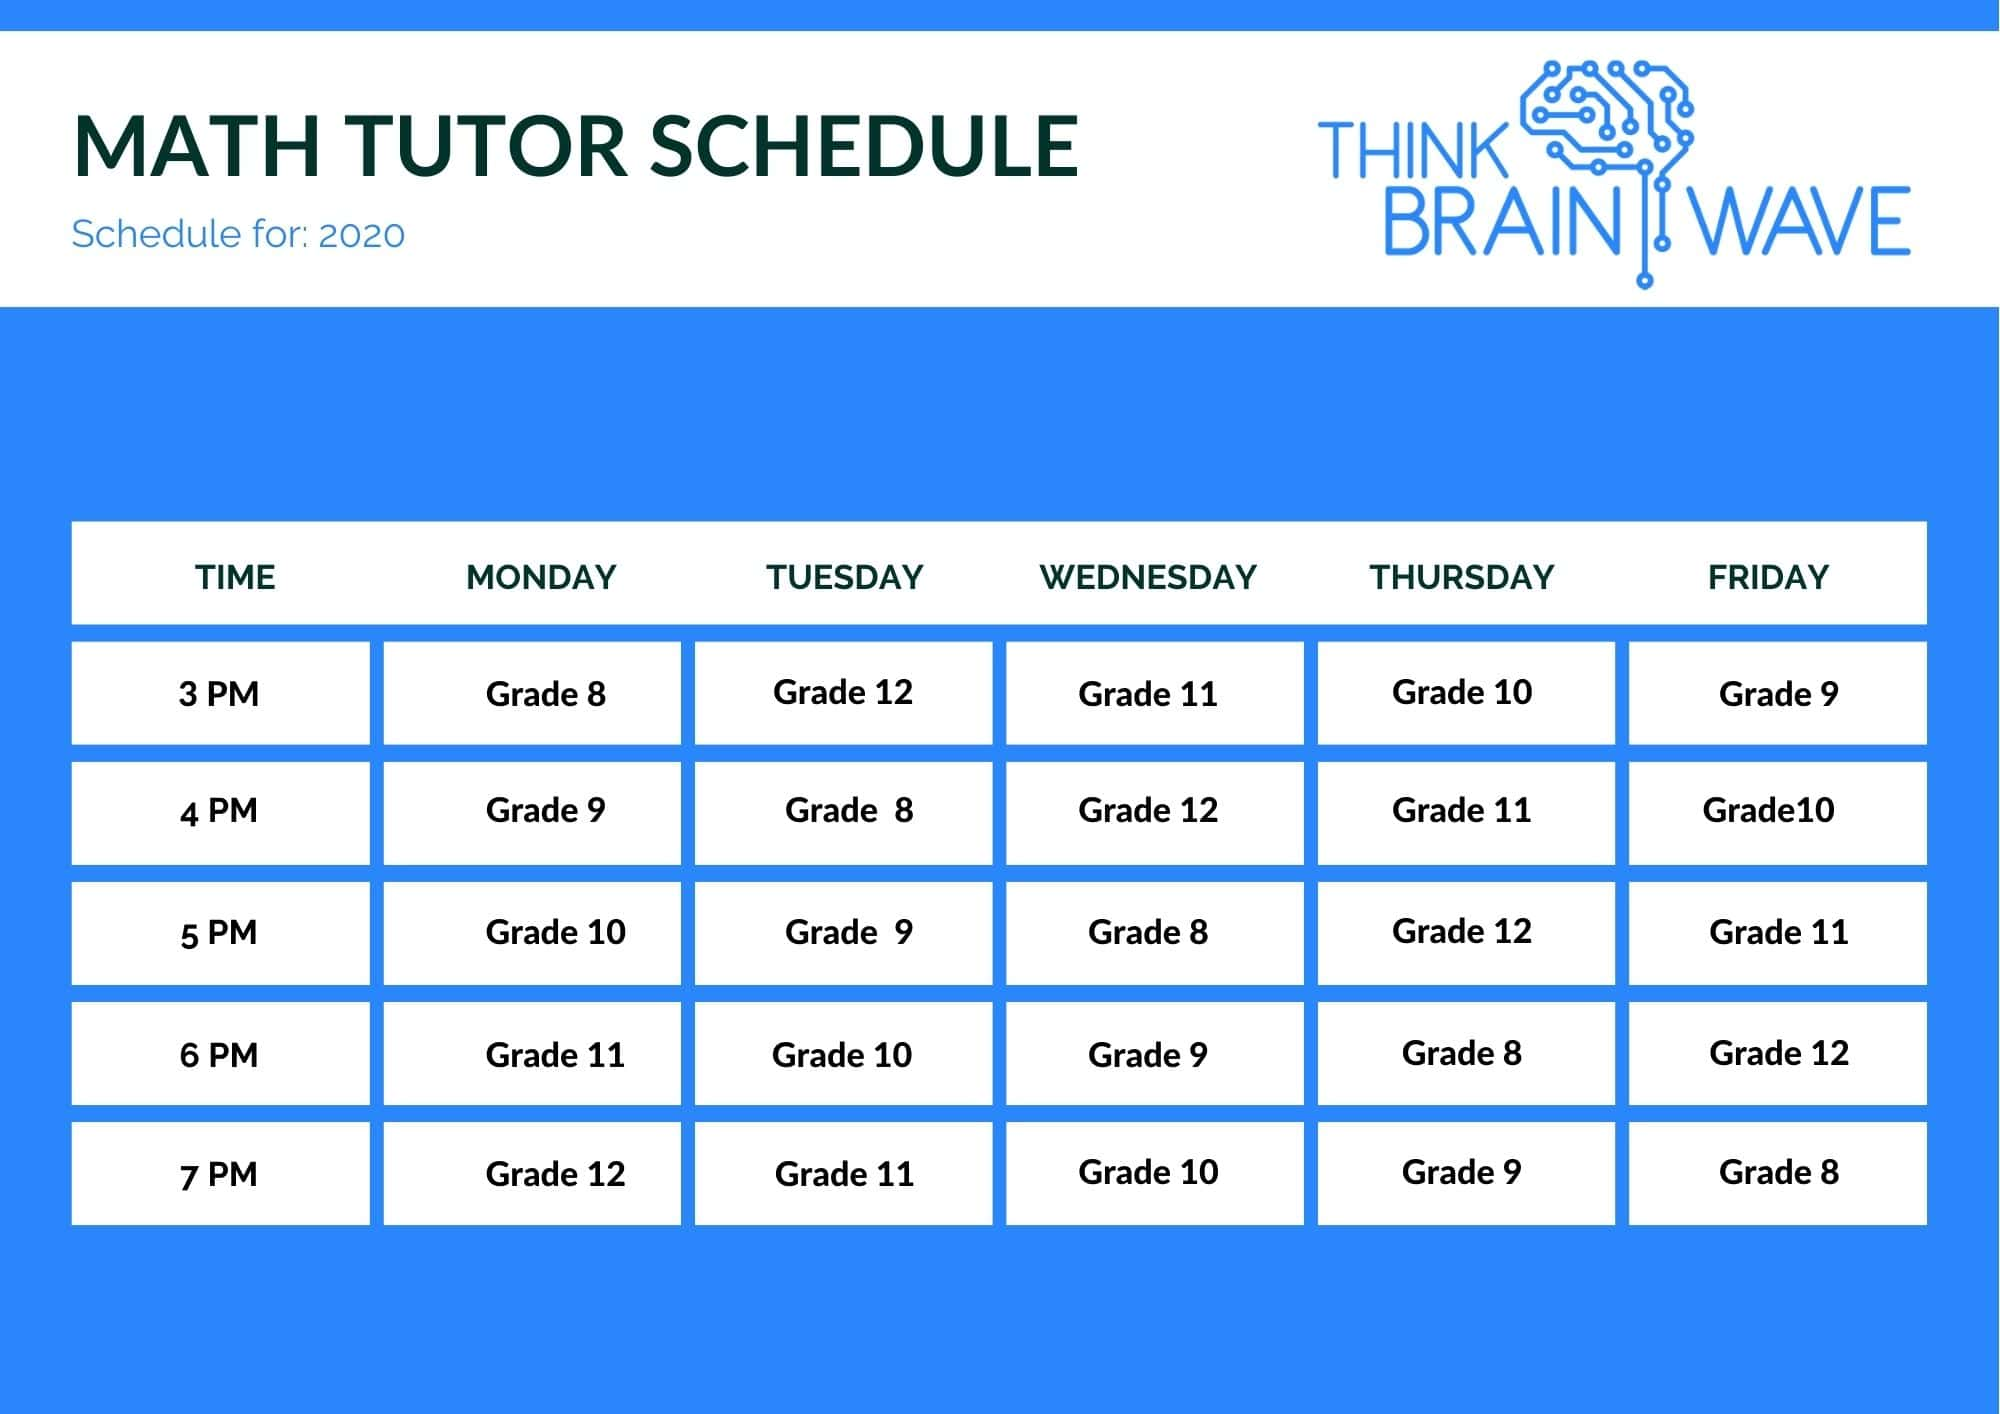 ThinkBrainwave - Math tutor schedule